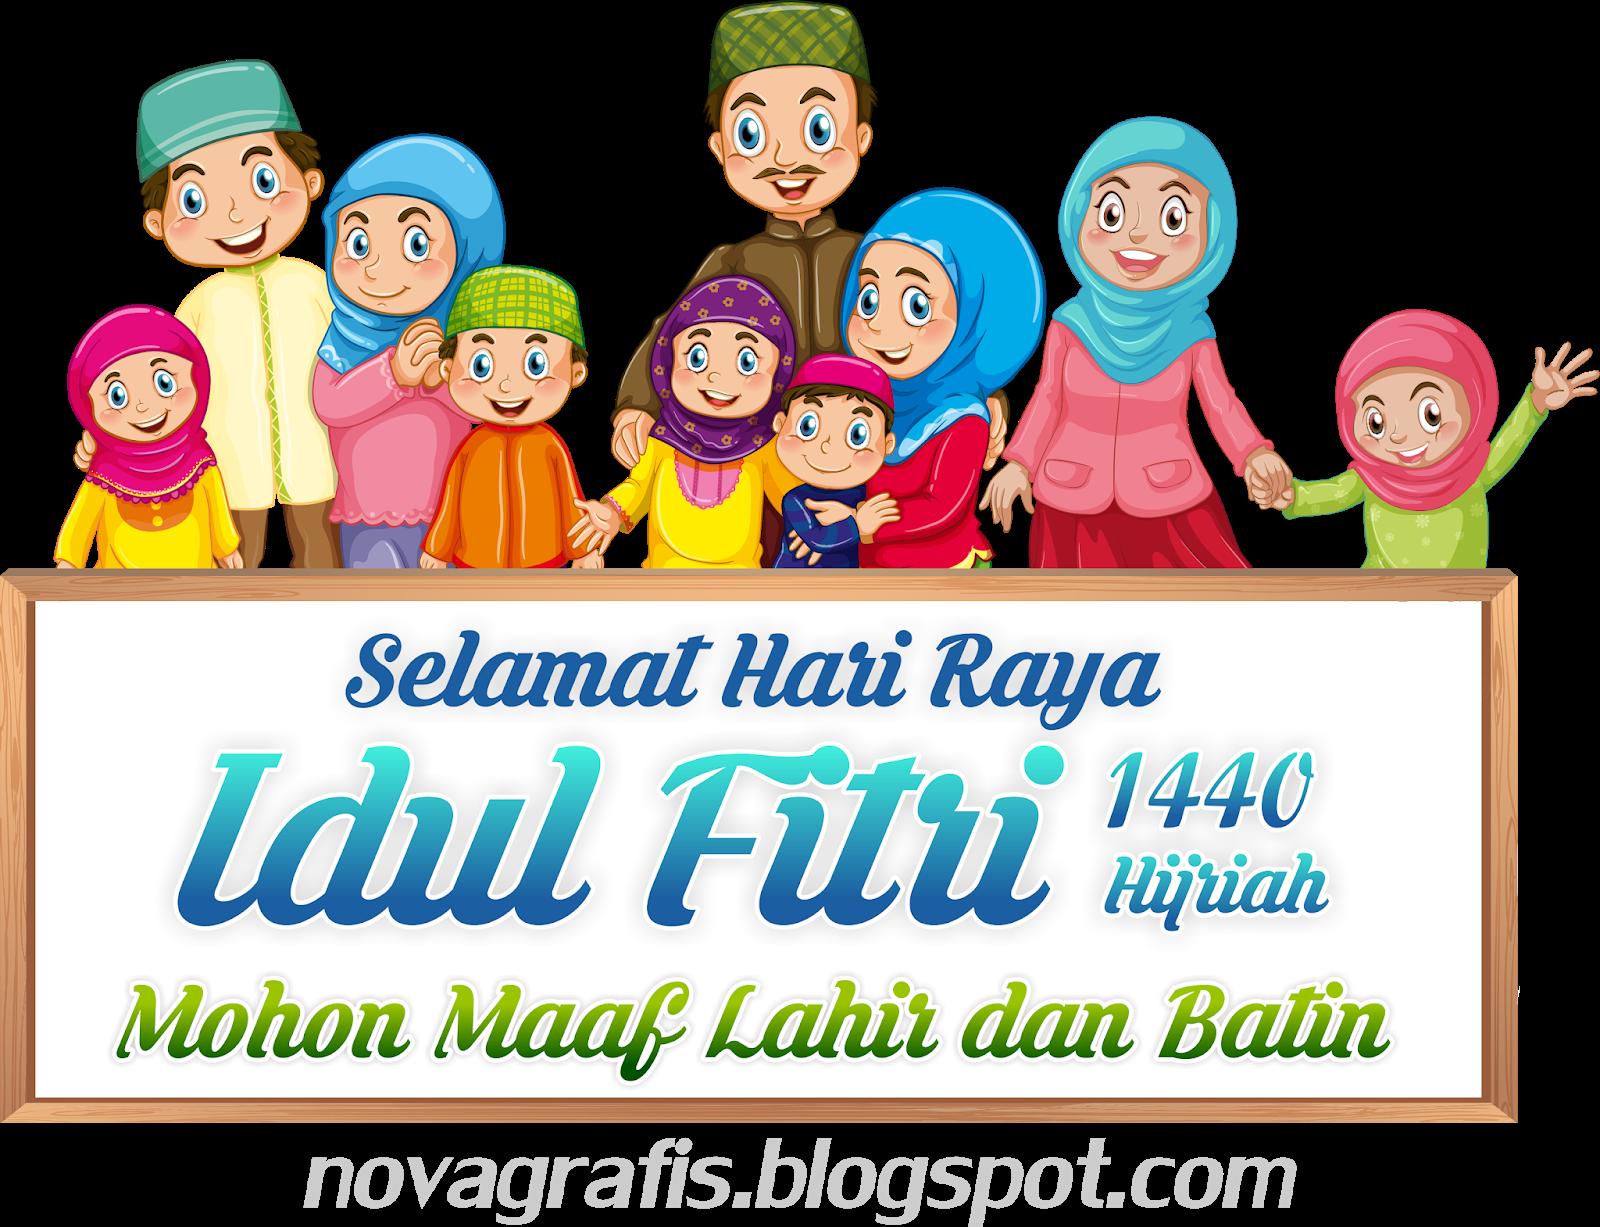 Gambar Kartun Ucapan Selamat Hari Raya Idul Fitri Nusagates